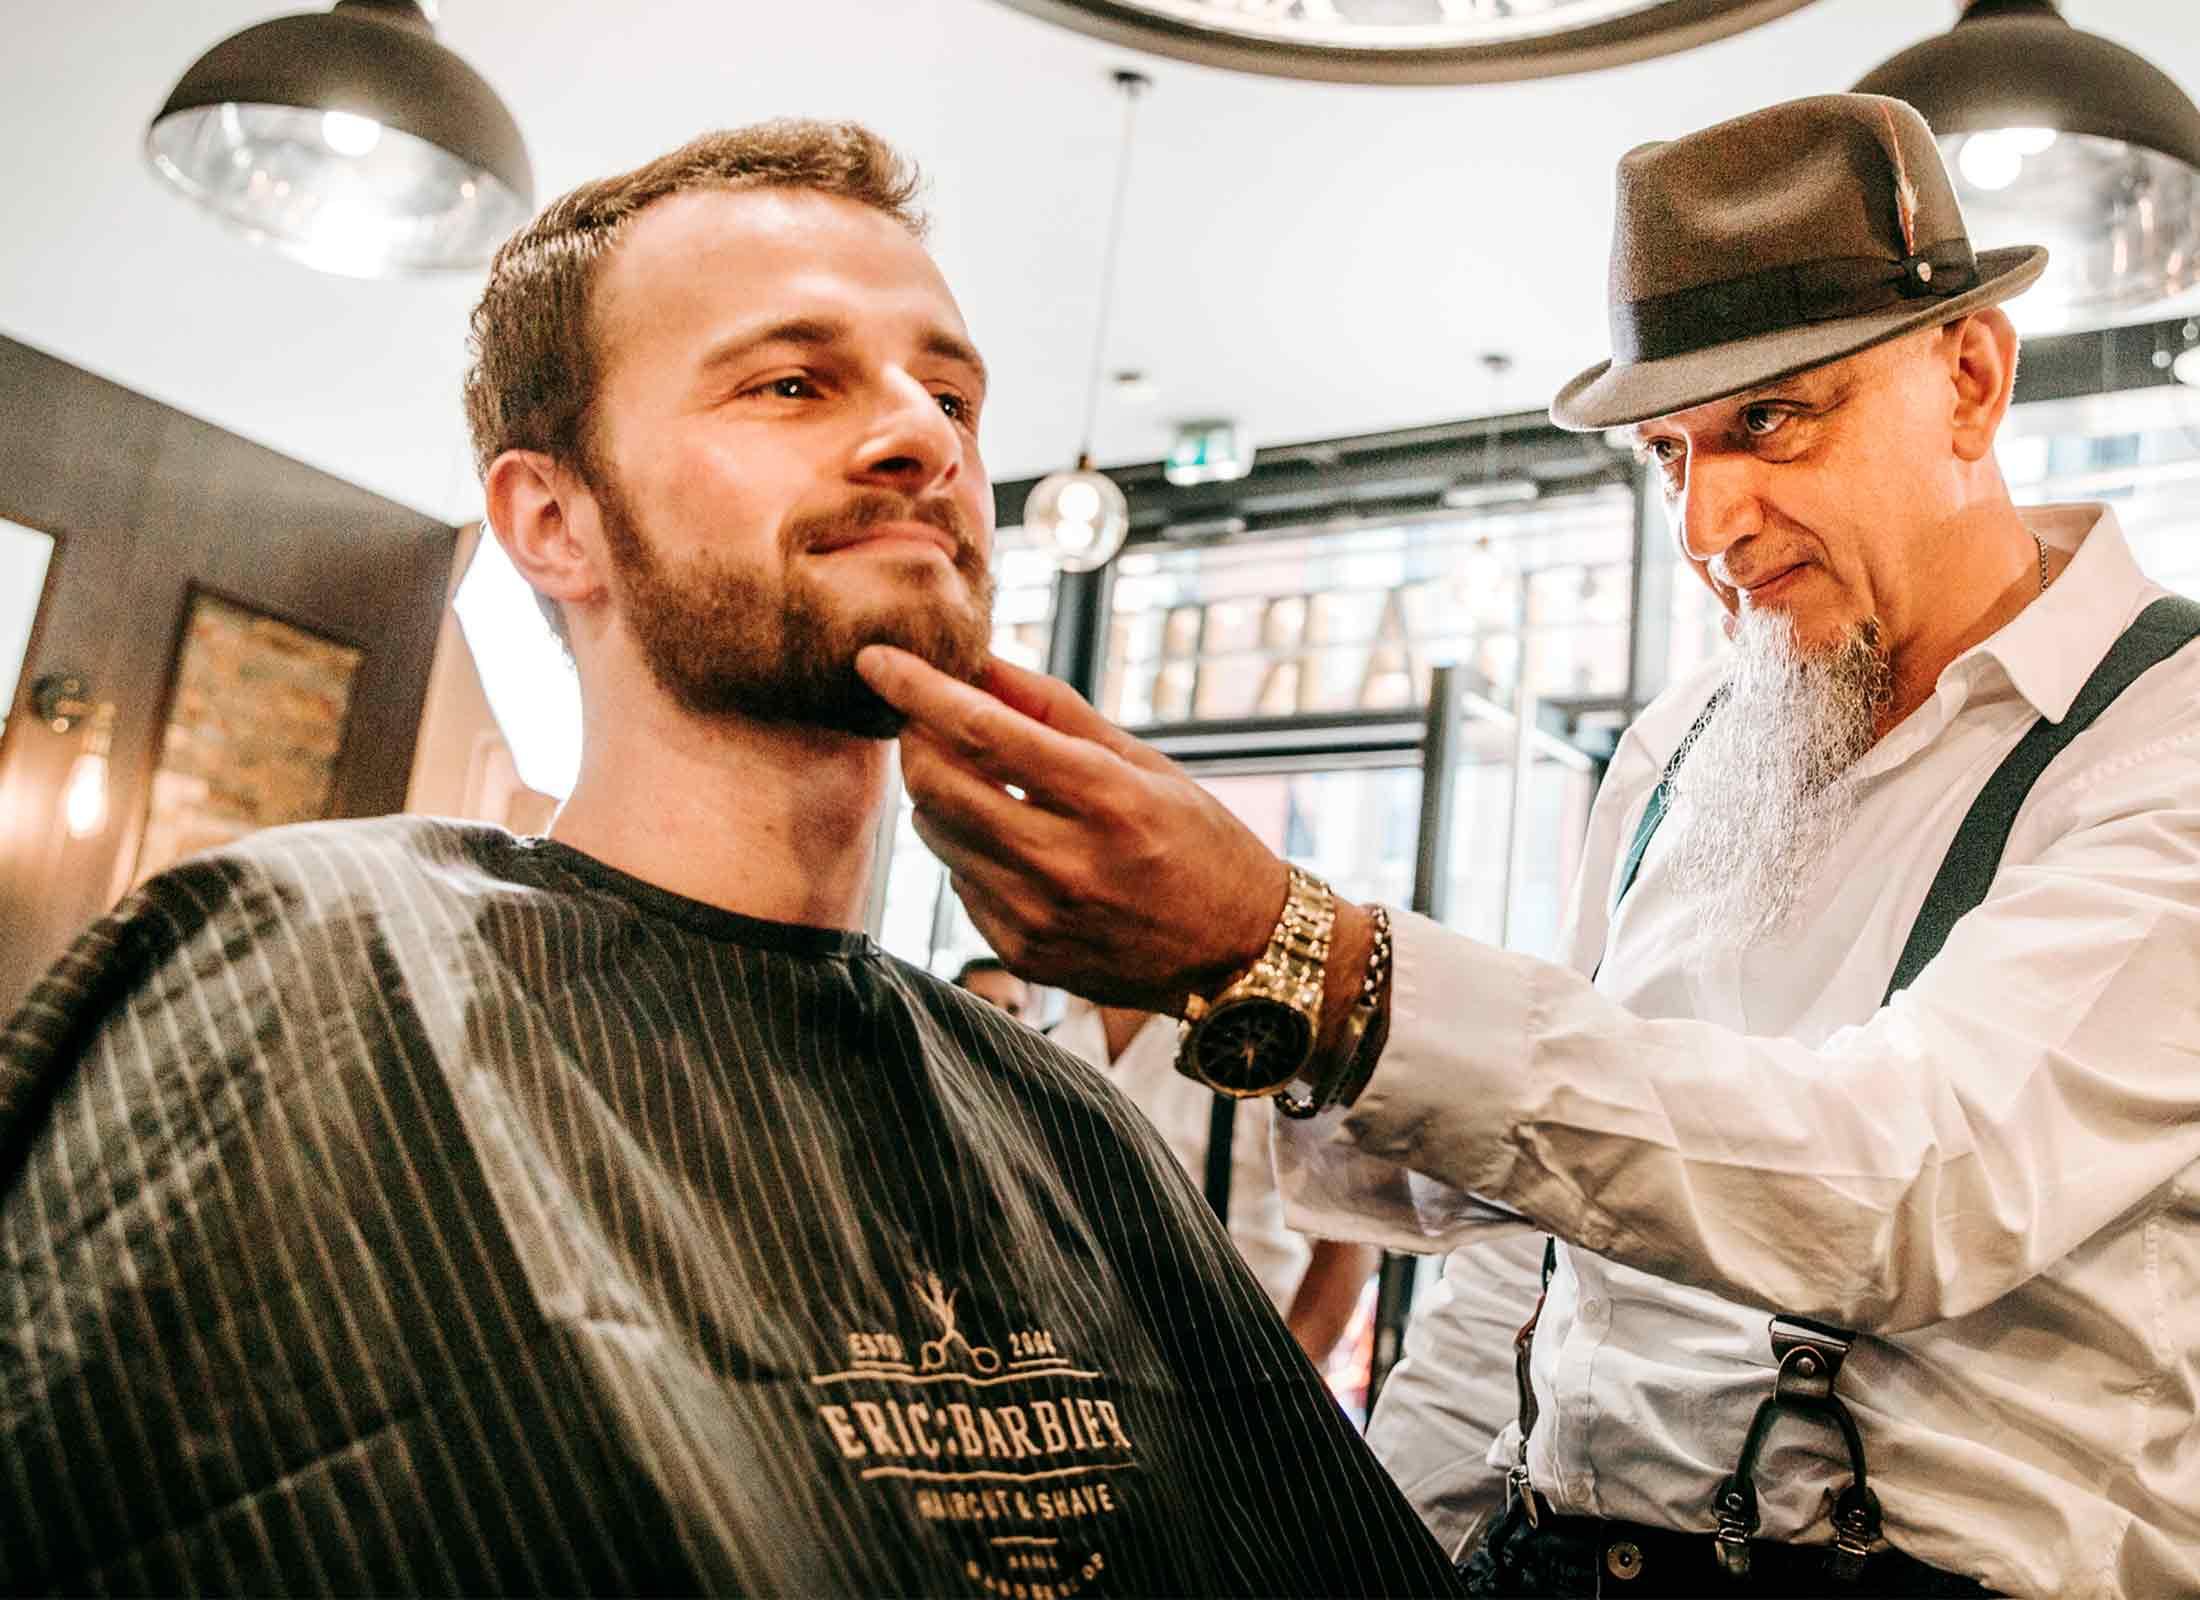 Bart färben, Barbier mit Kunde